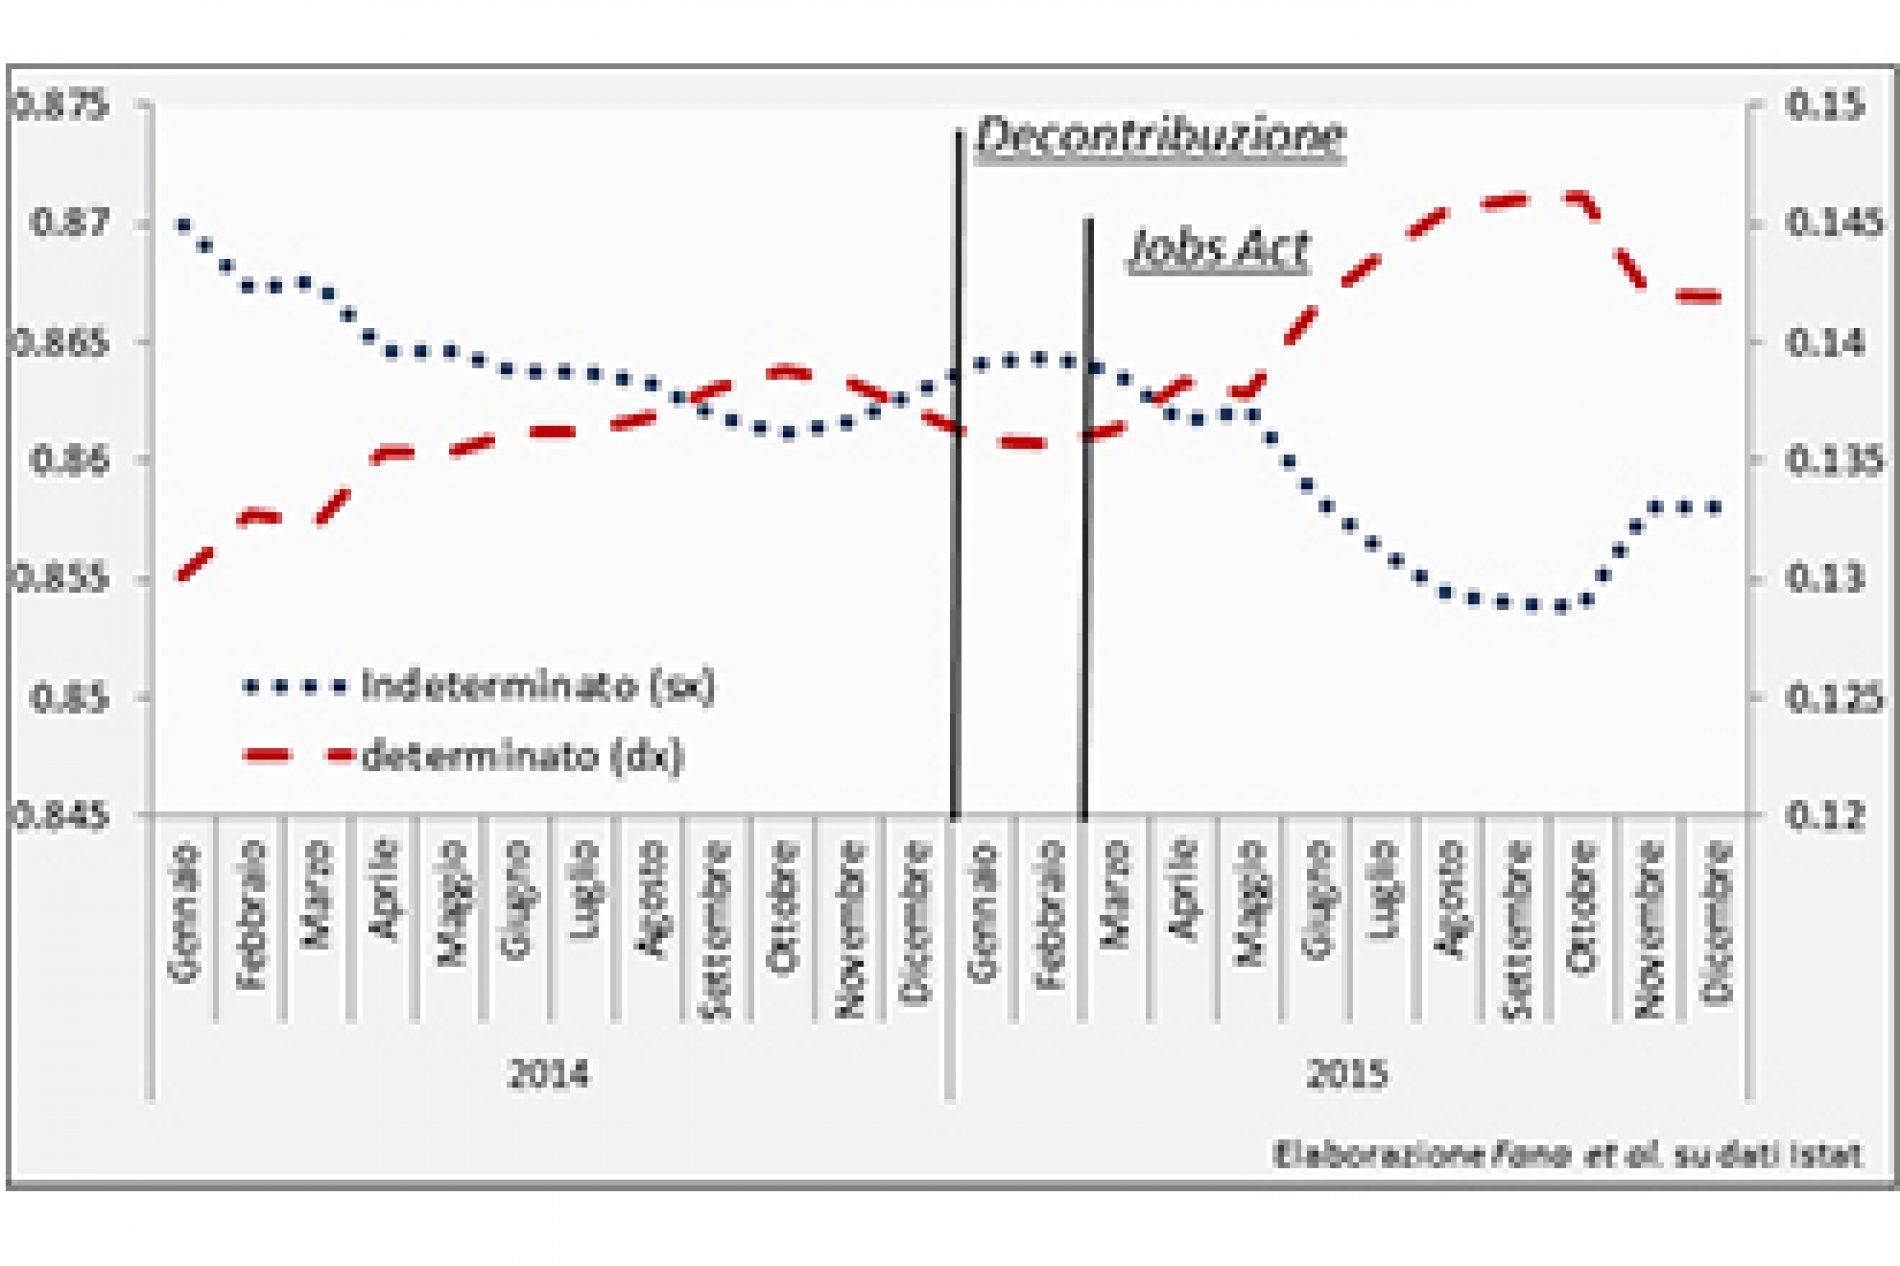 Sgravi e Jobs Act: la prova del fuoco del 2016